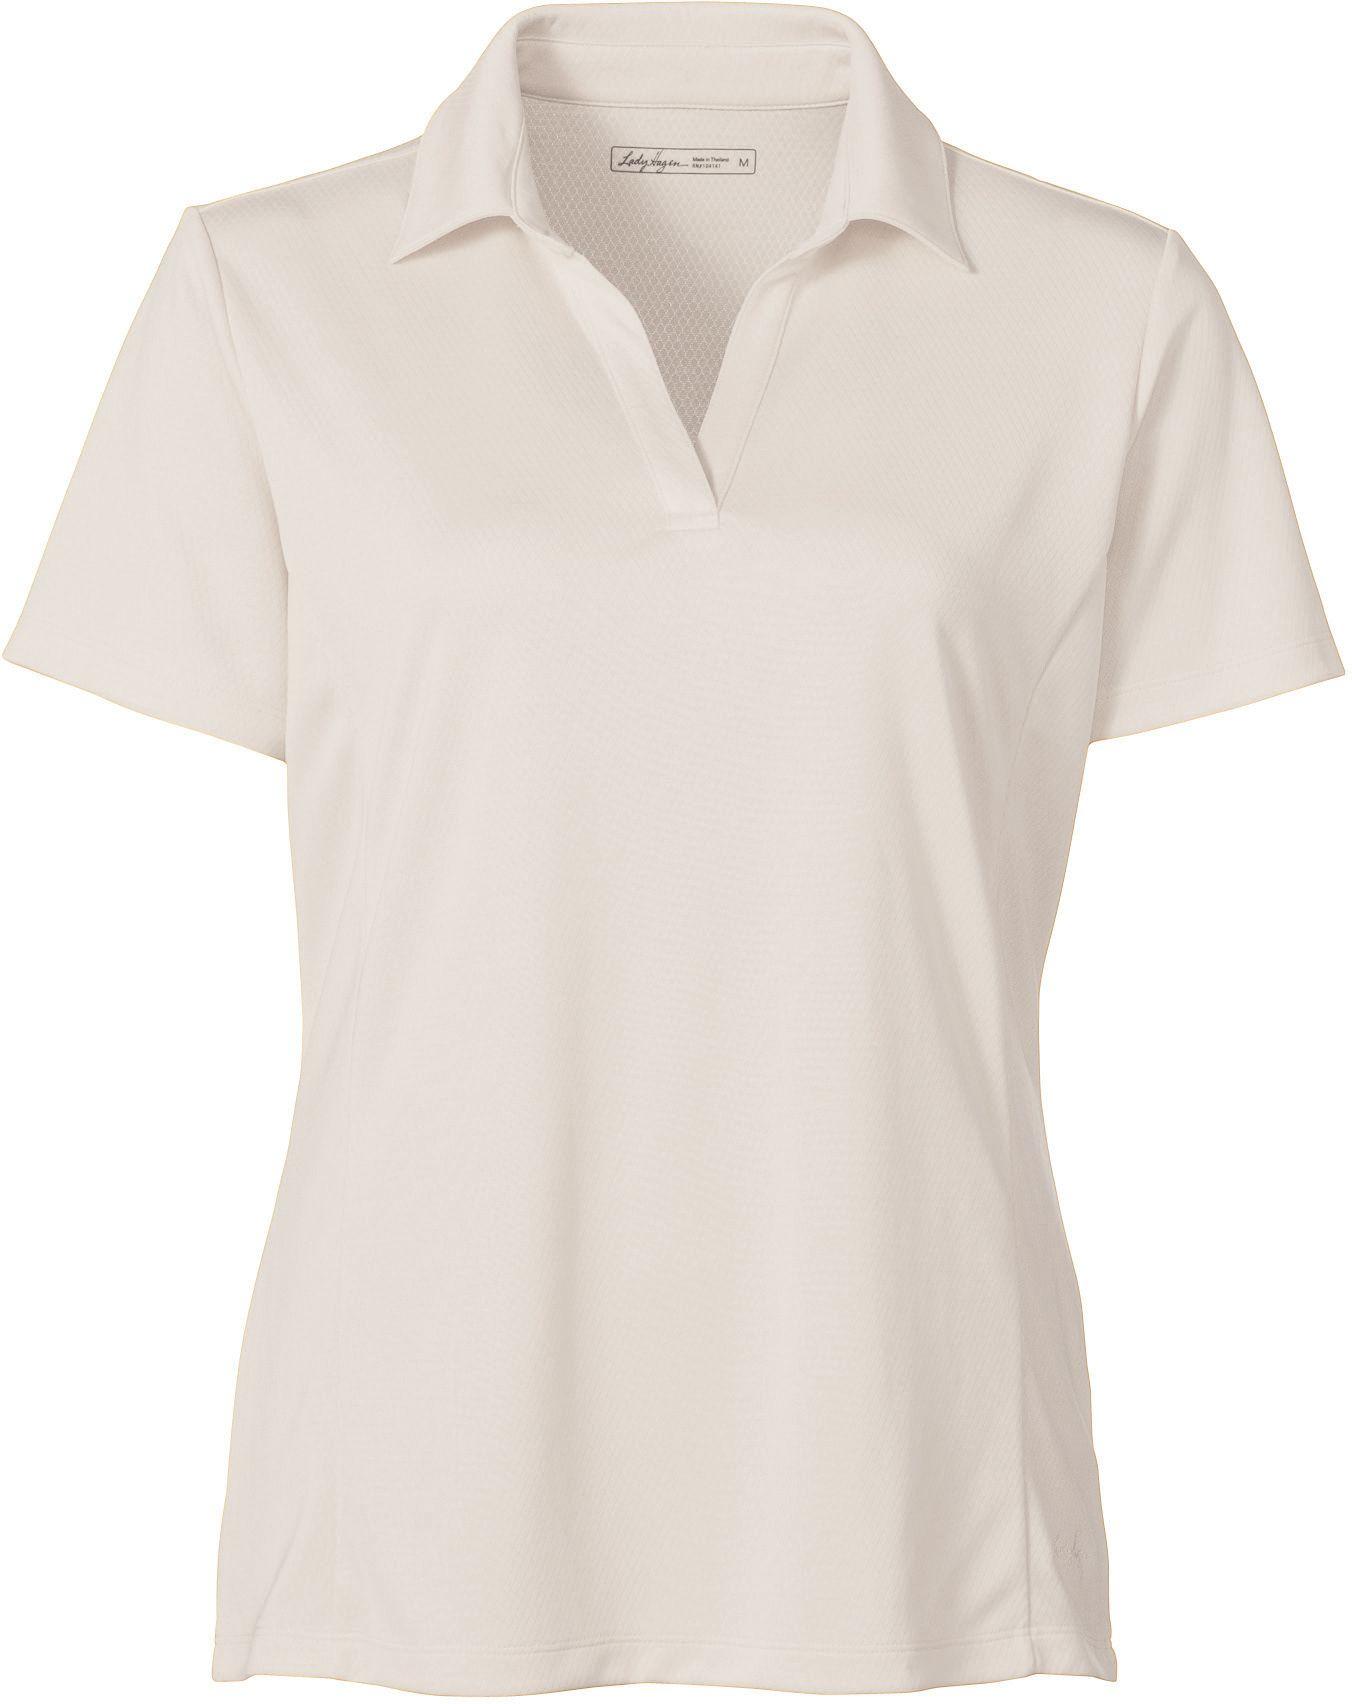 Lady Hagen Women's Fairway Golf Short Sleeve  Polo